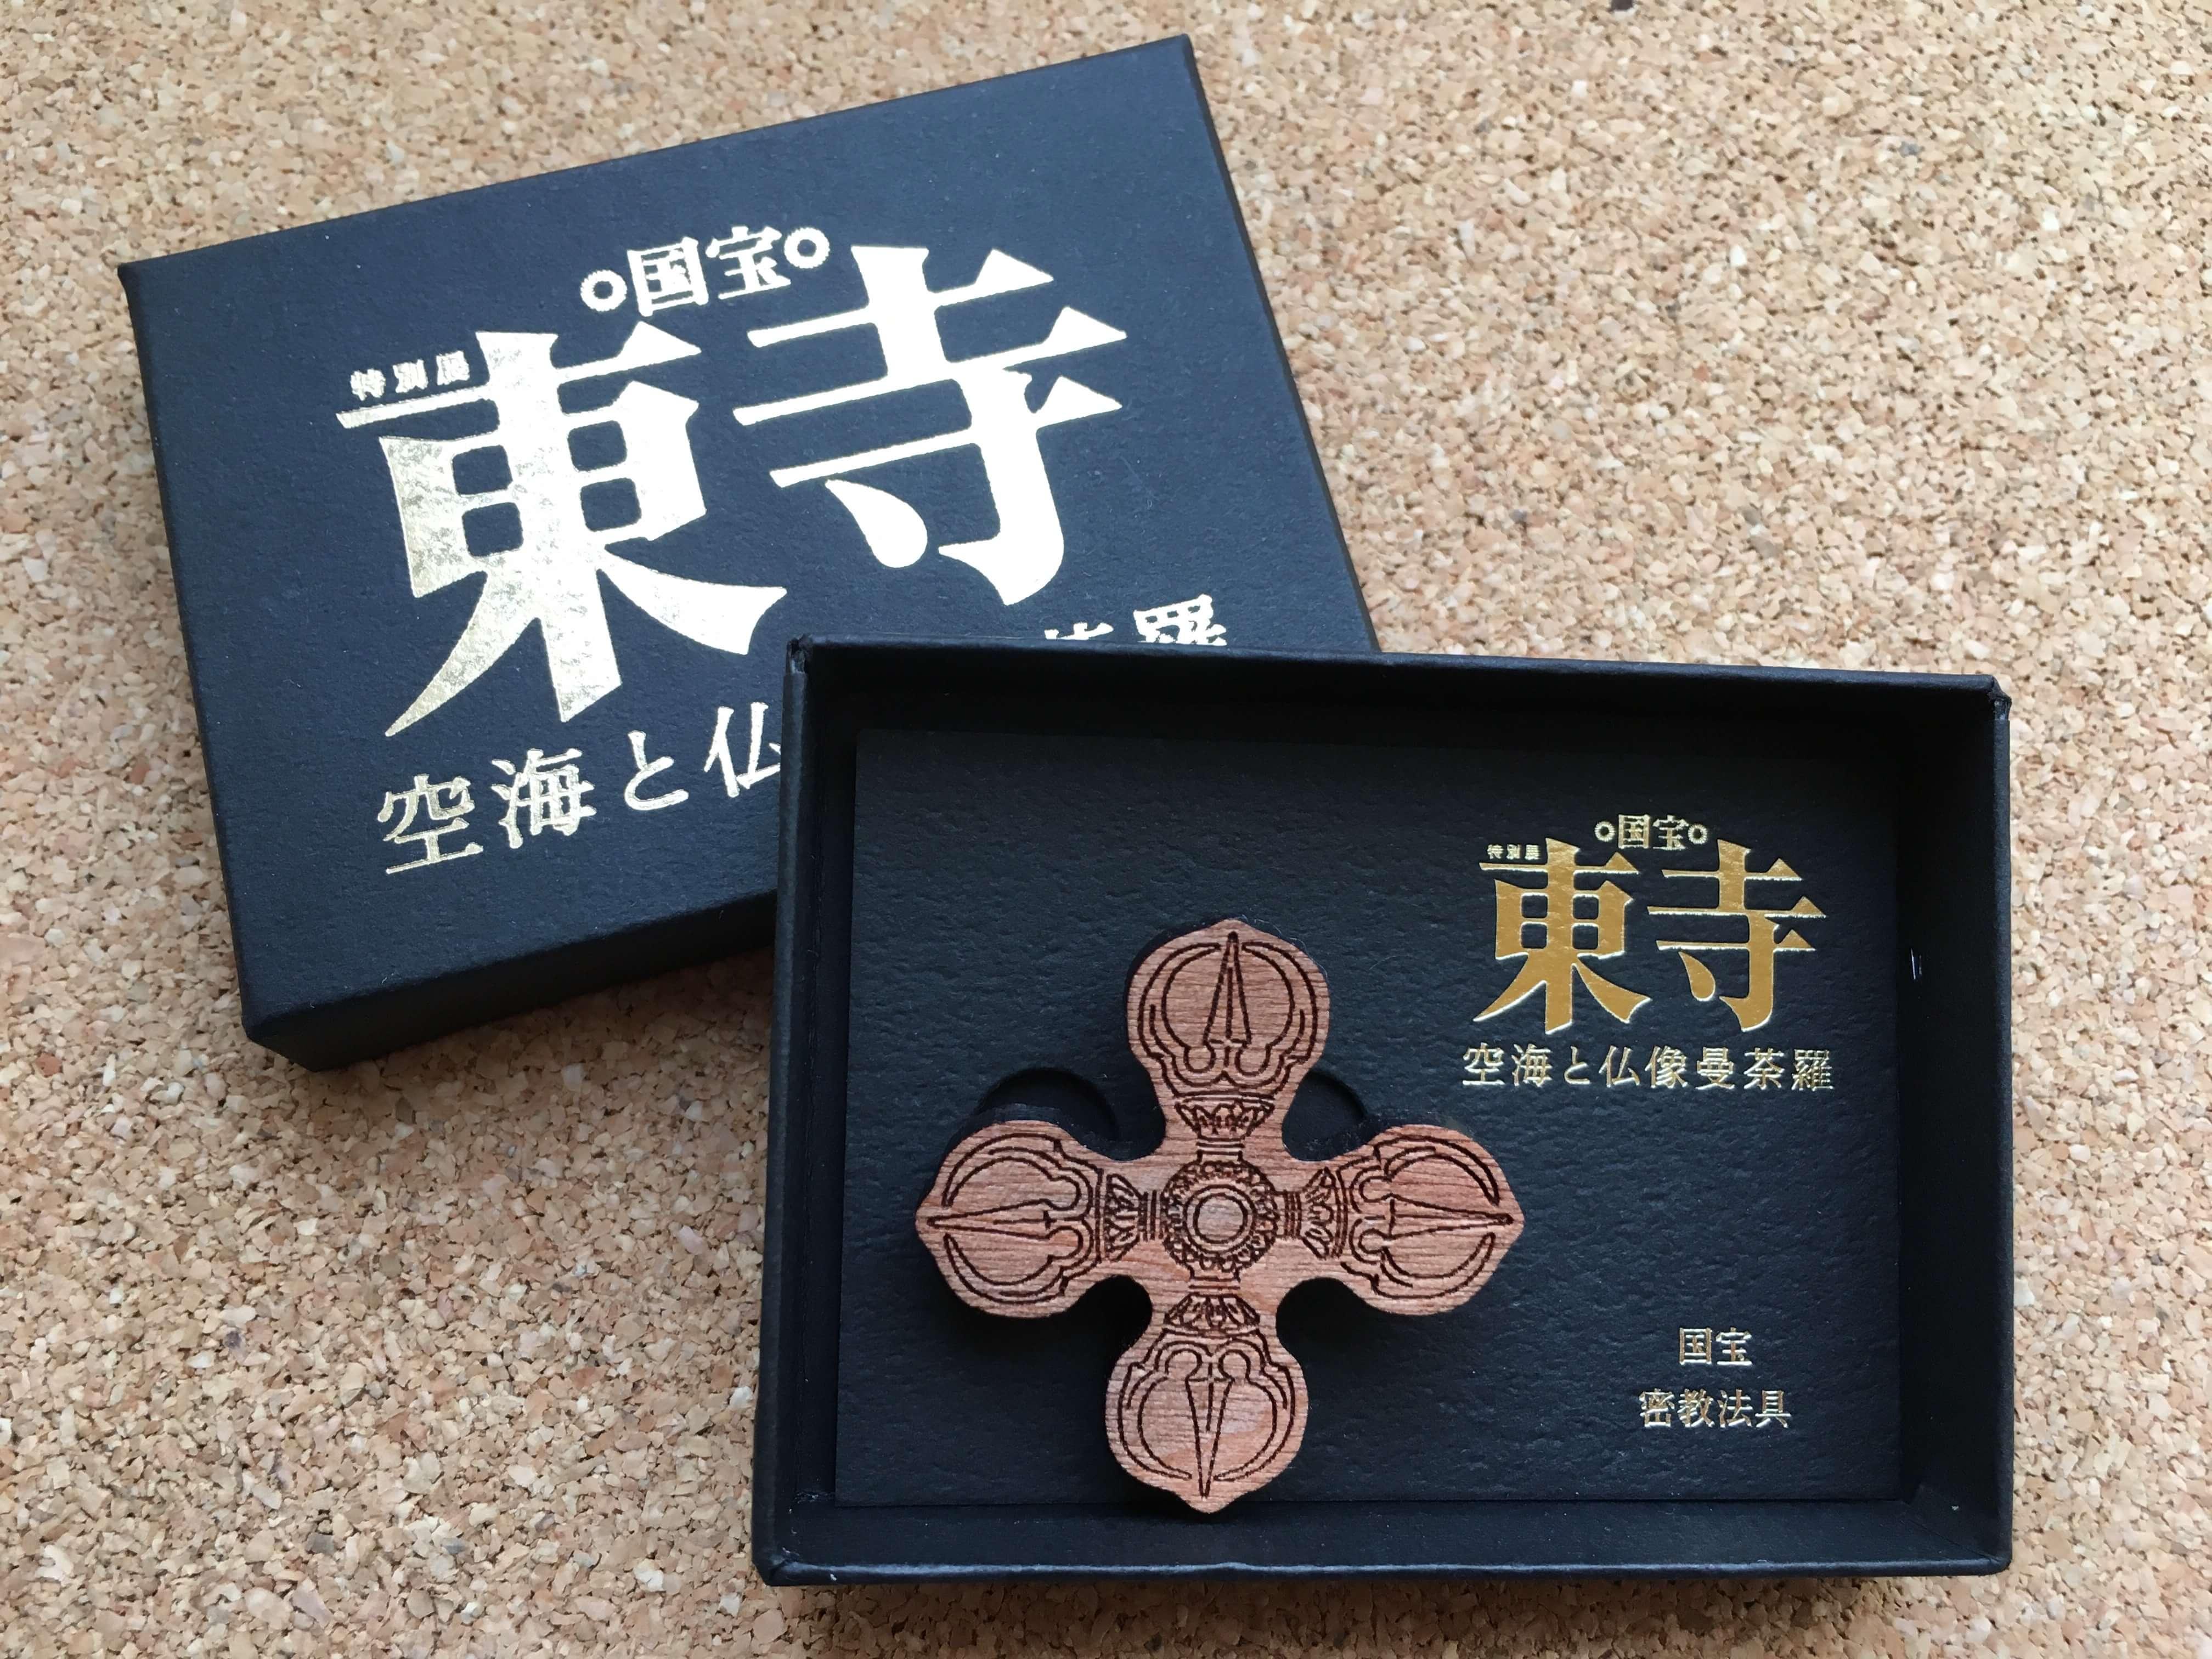 東寺展で購入したブローチ